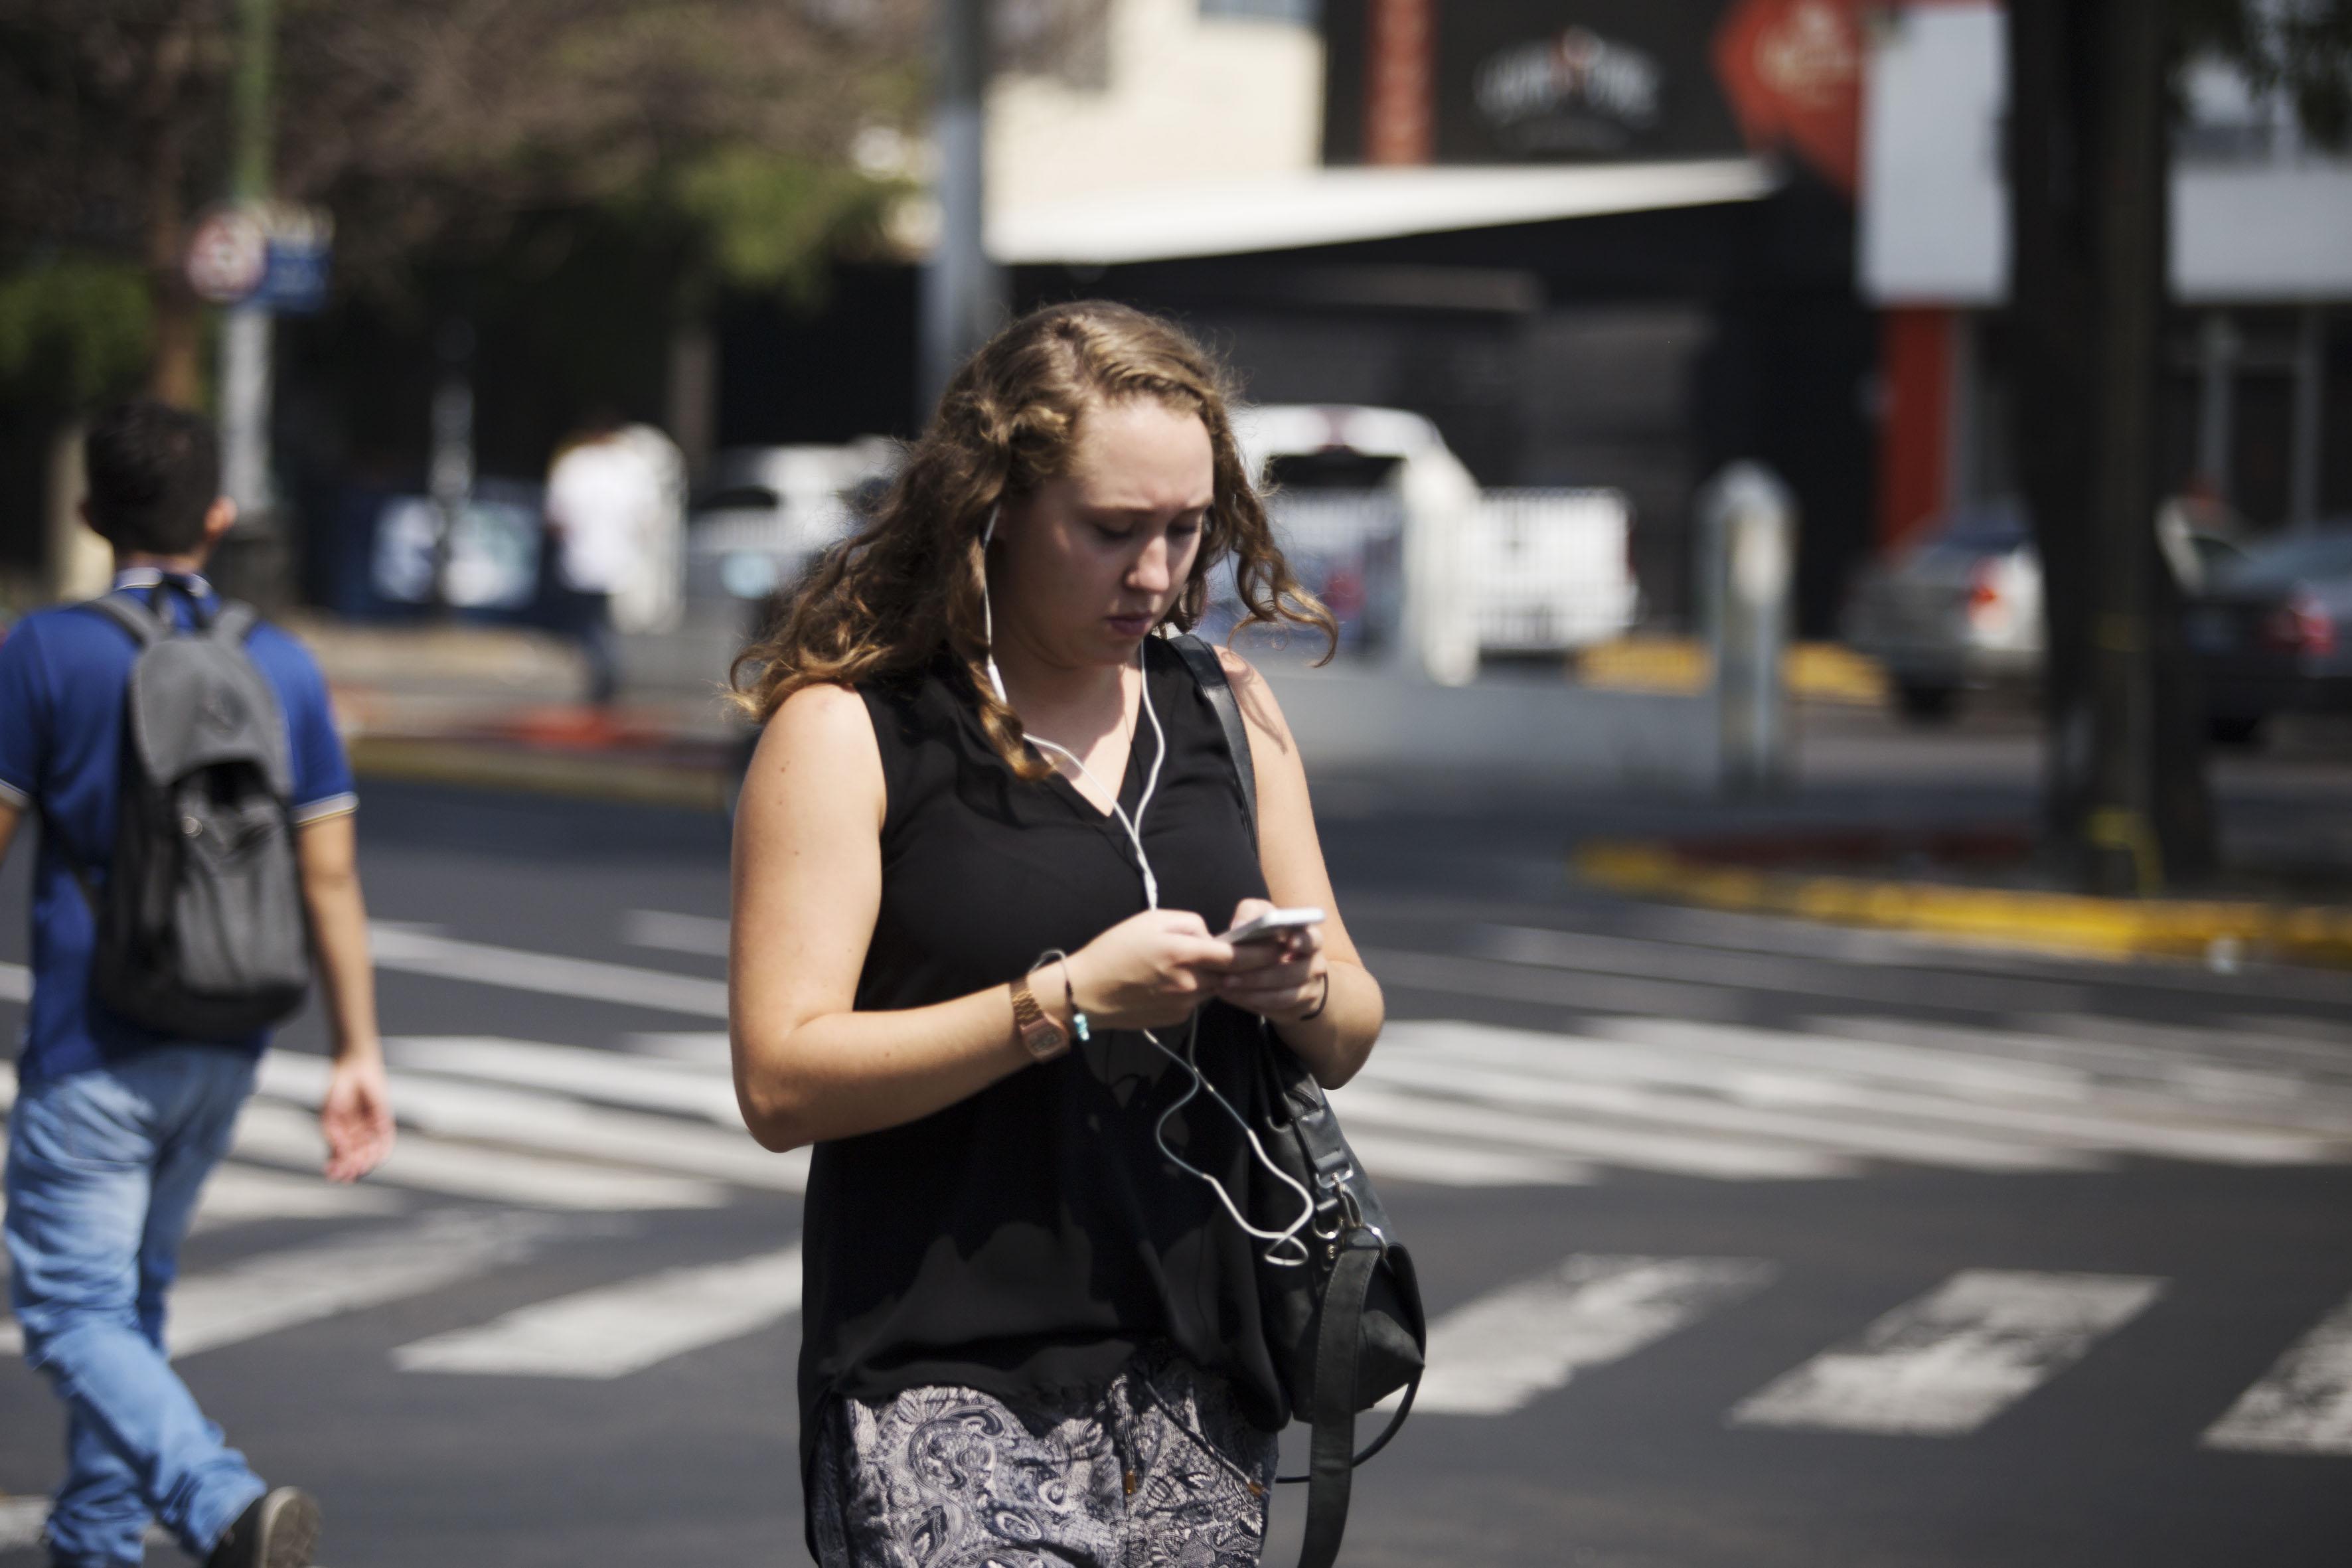 Mujer caminando por la calle, con audífonos y utilizando su teléfono celular.